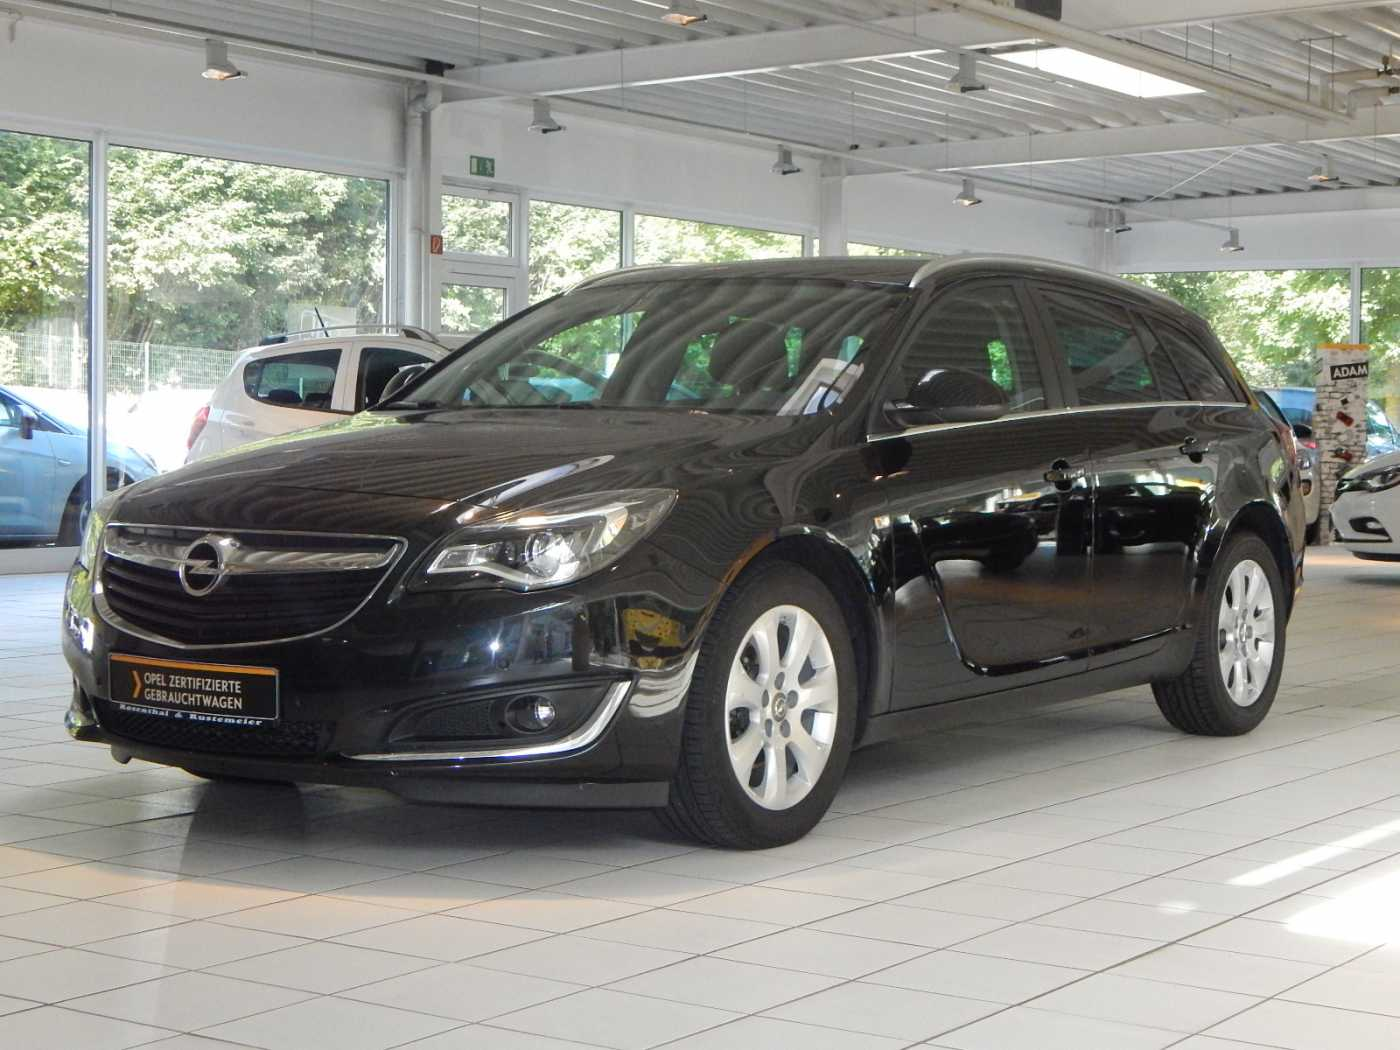 Opel Insignia Sports Tourer 1.6 CDTI Business Edition NAVI SITZHEIZUNG, Jahr 2016, diesel